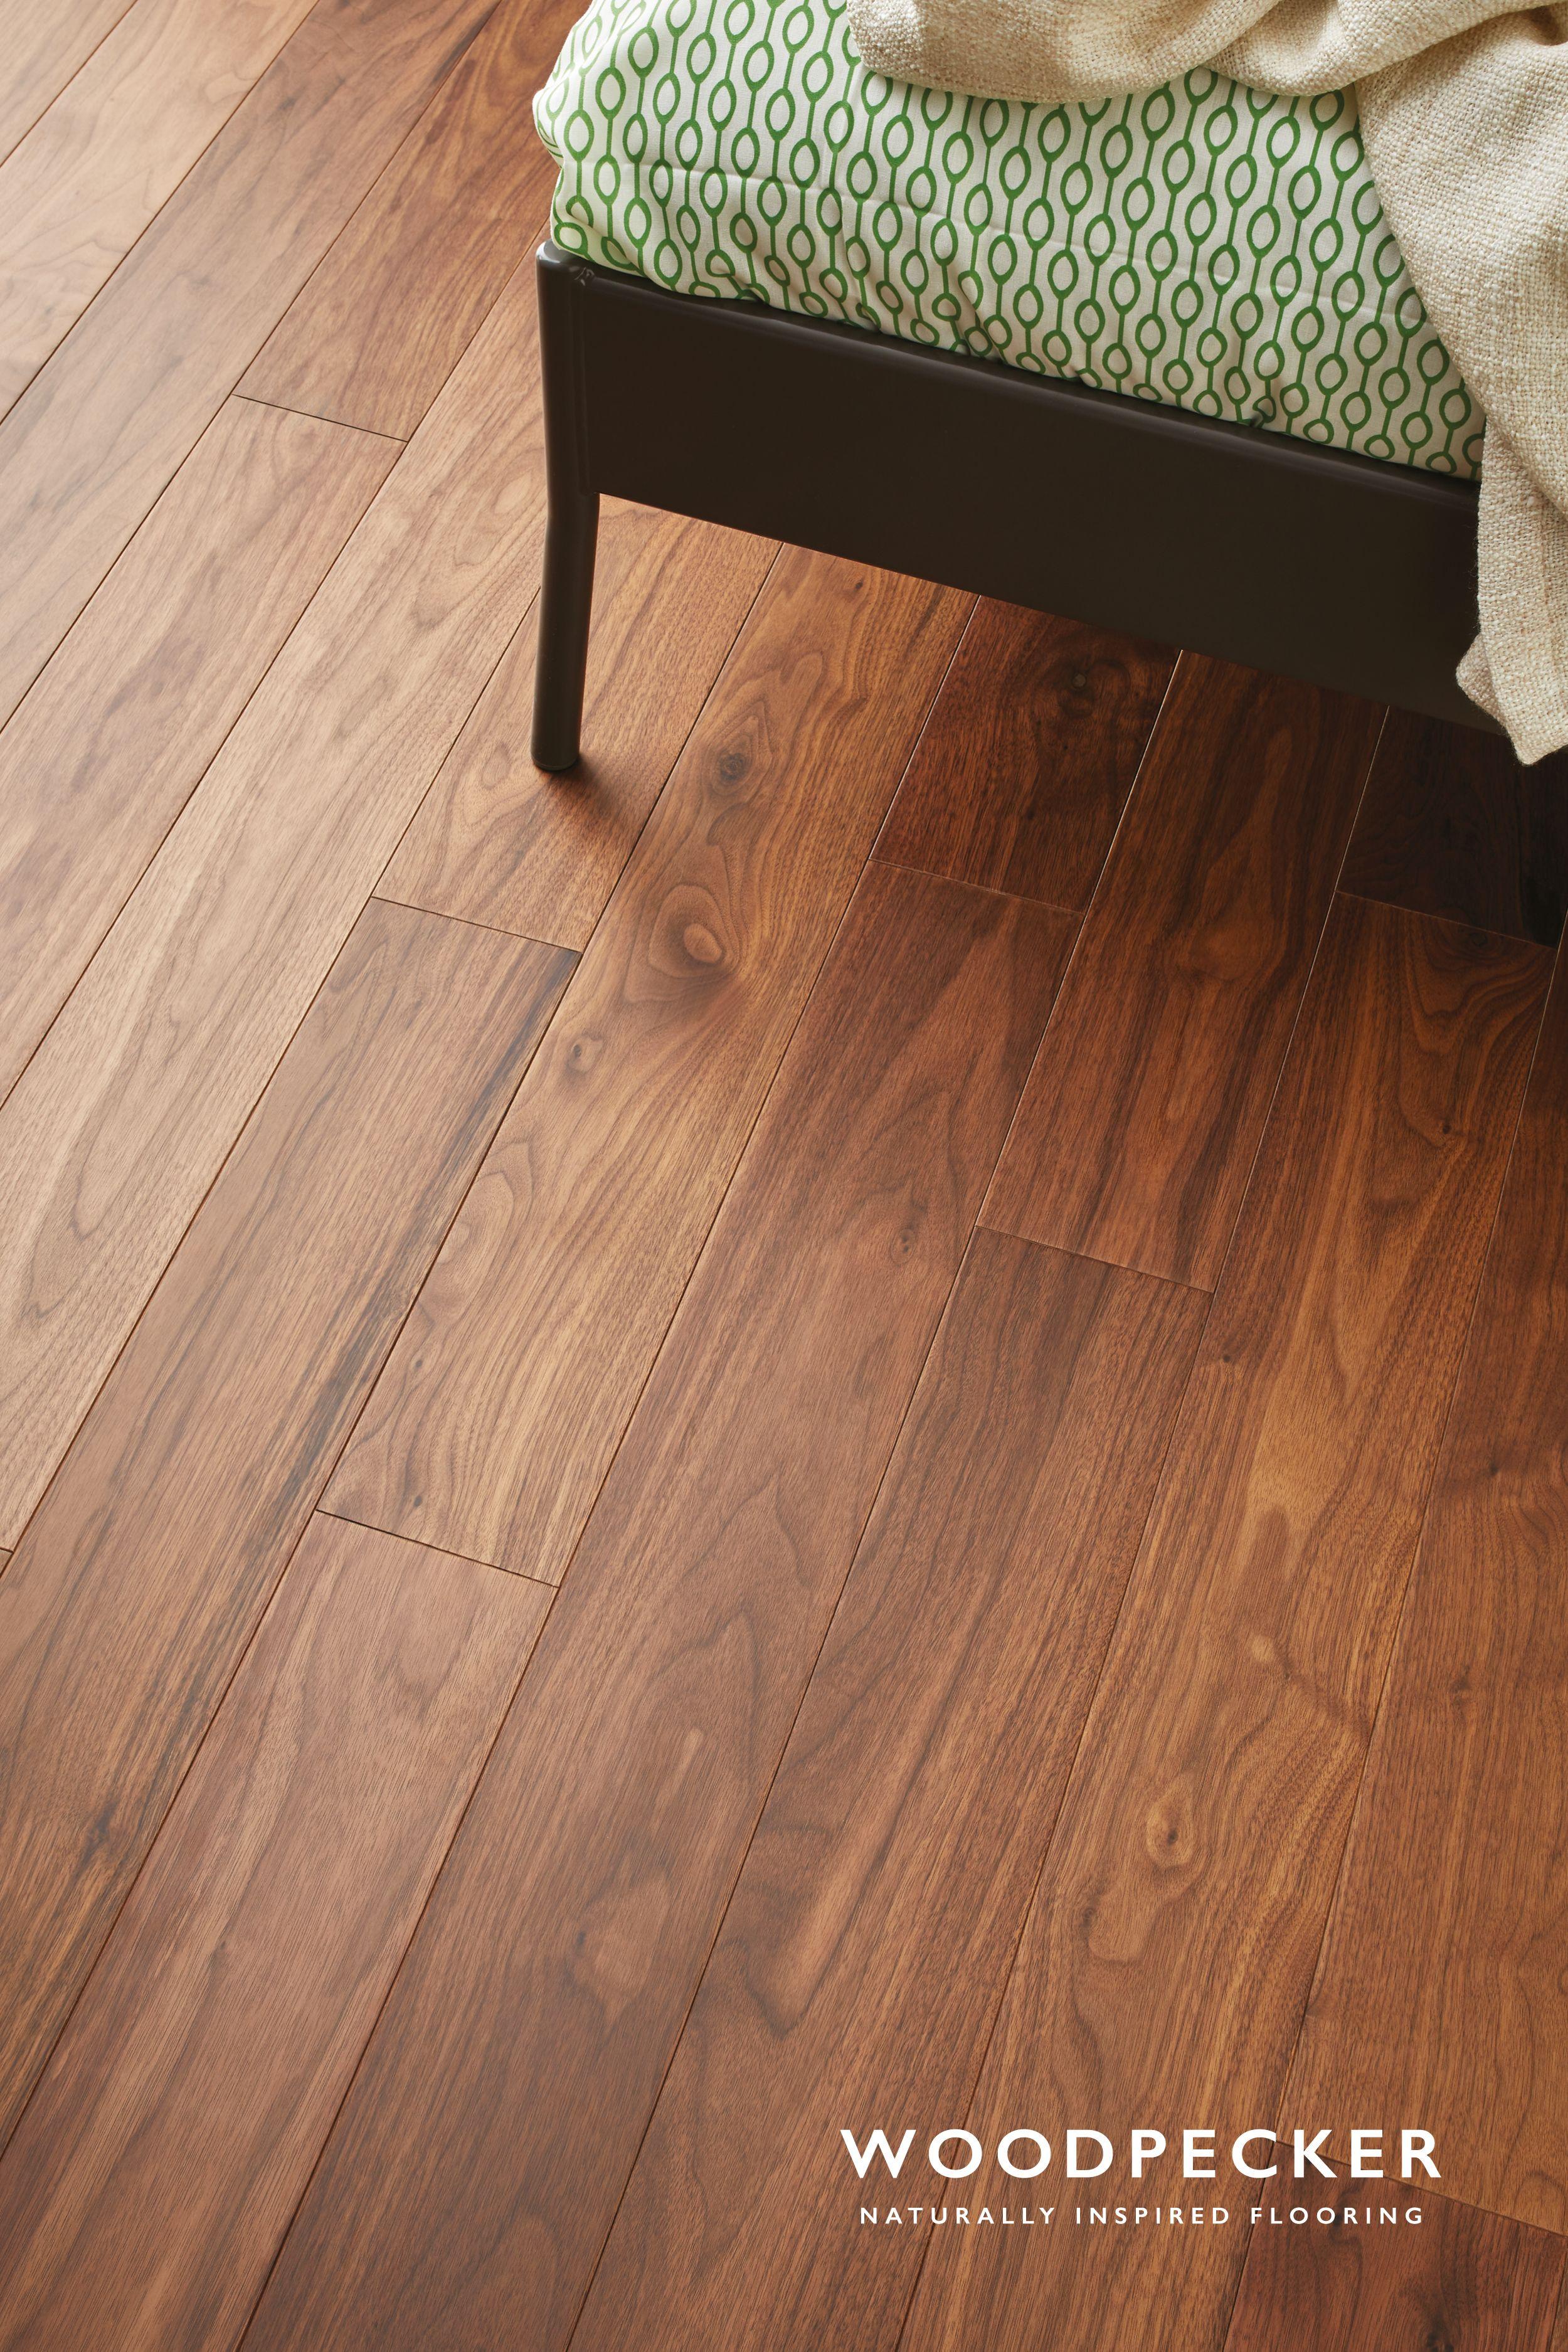 Raglan Walnut Cost Of Laminate Flooring Engineered Wood Floors